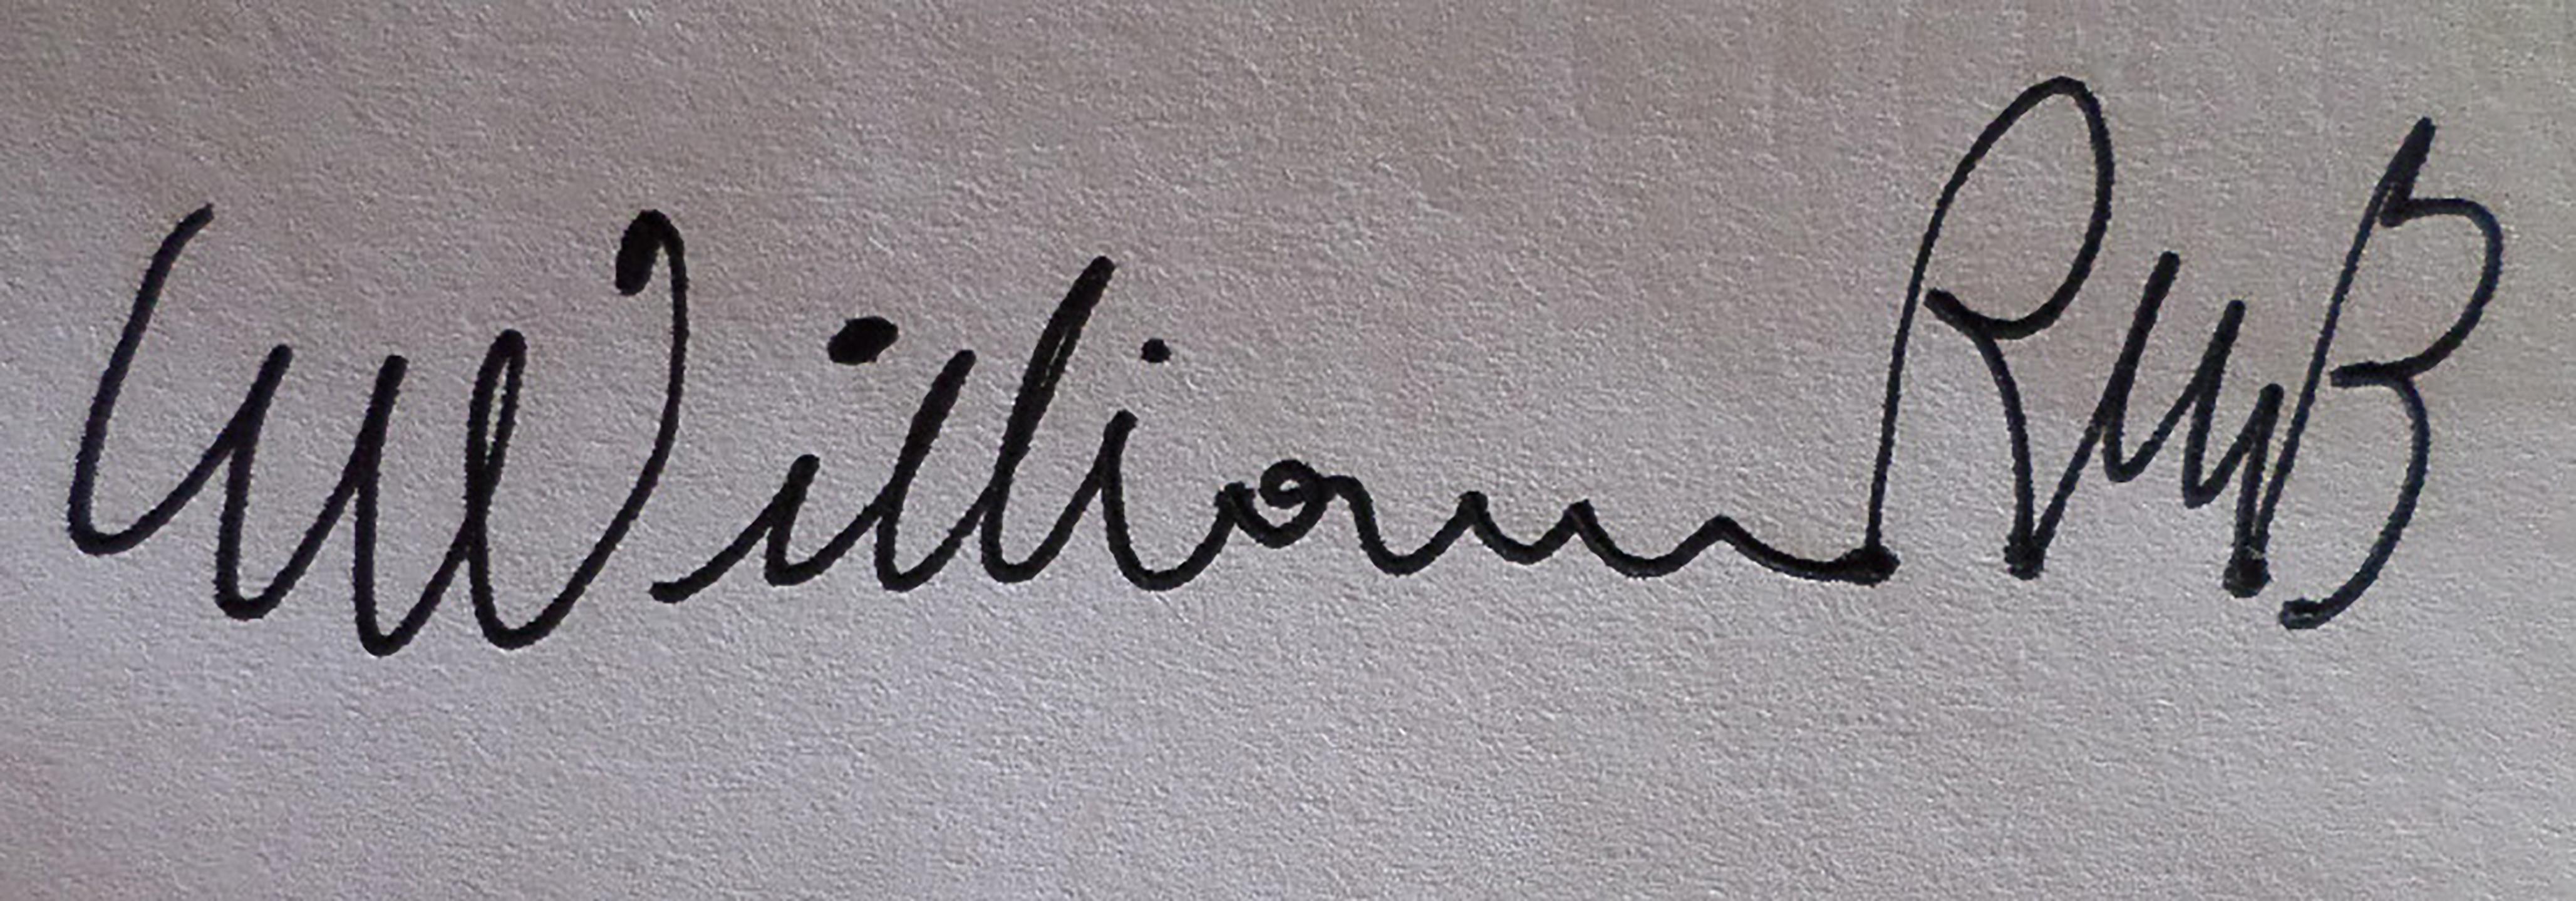 William Rafael Marquina Buitrago's Signature